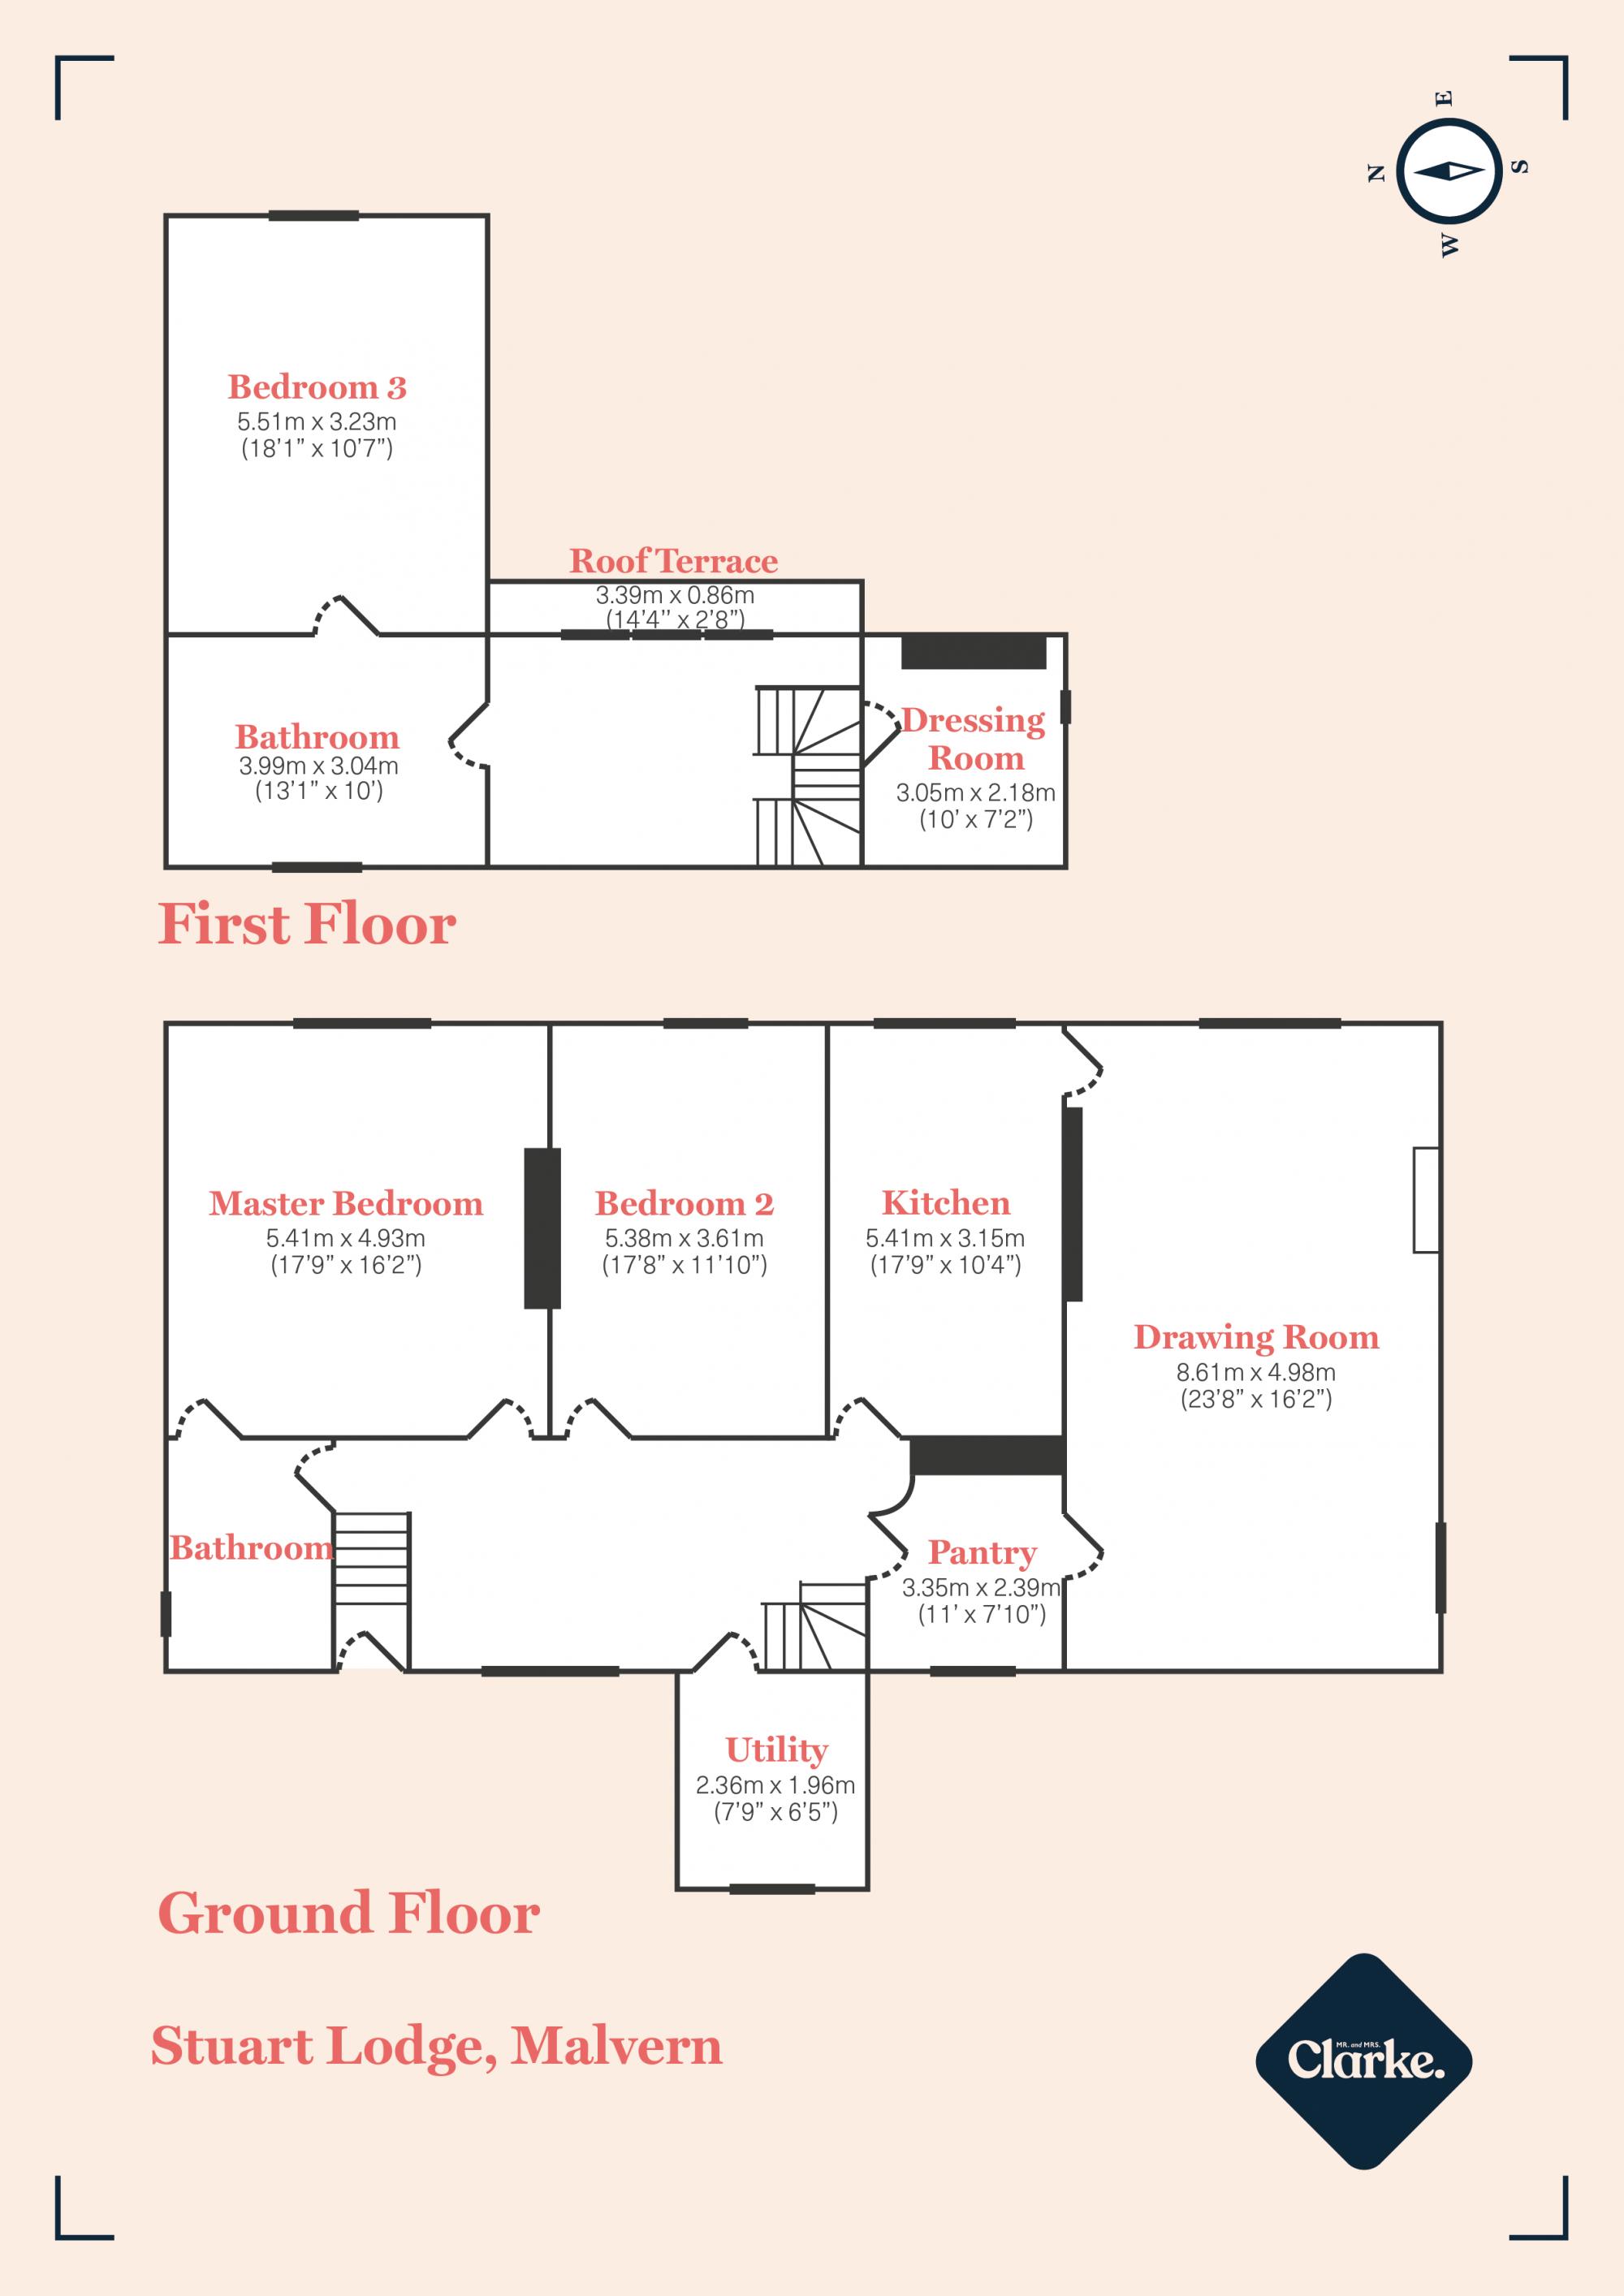 Stuart Lodge, Malvern. Floorplan.